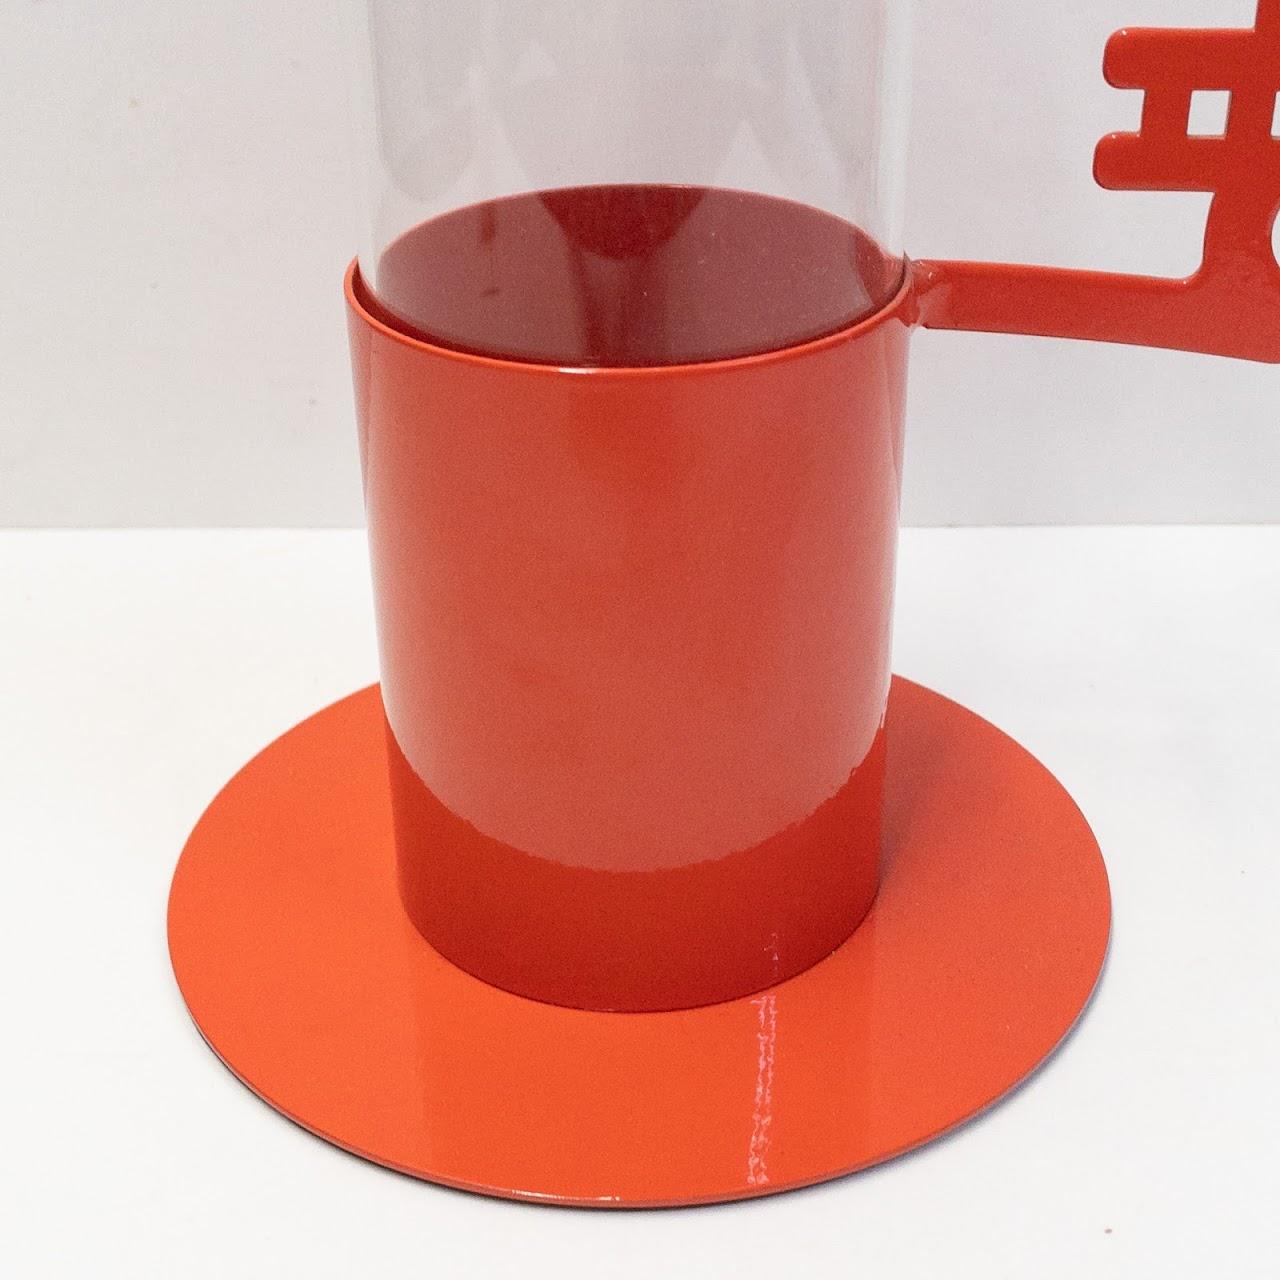 Andrea Branzi Profile Vase